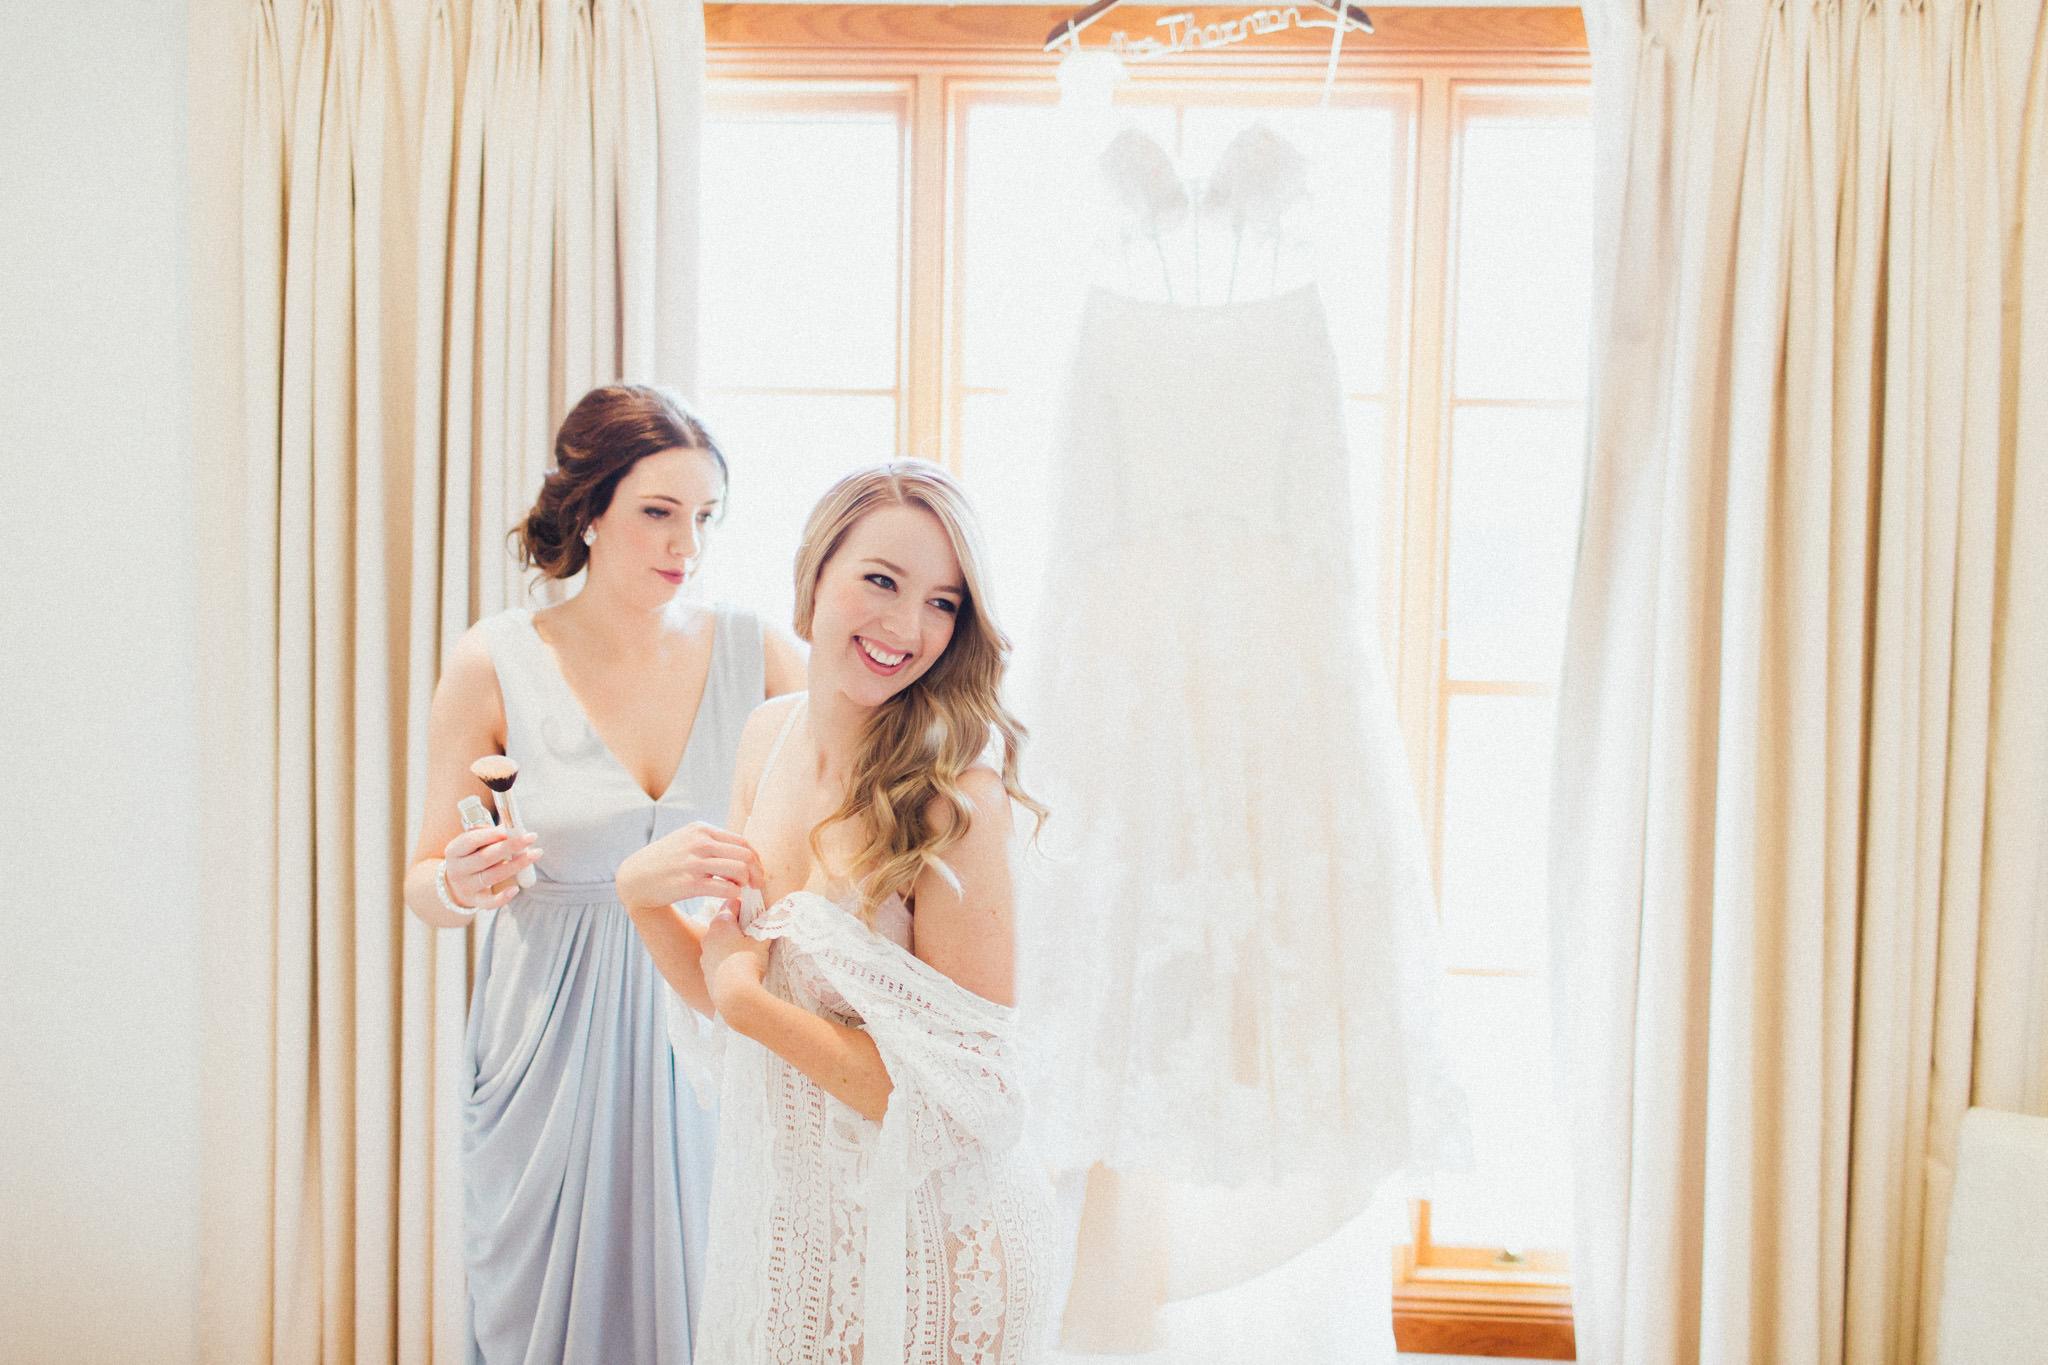 WeddingPhotos_Facebook_2048pixels-1013.jpg